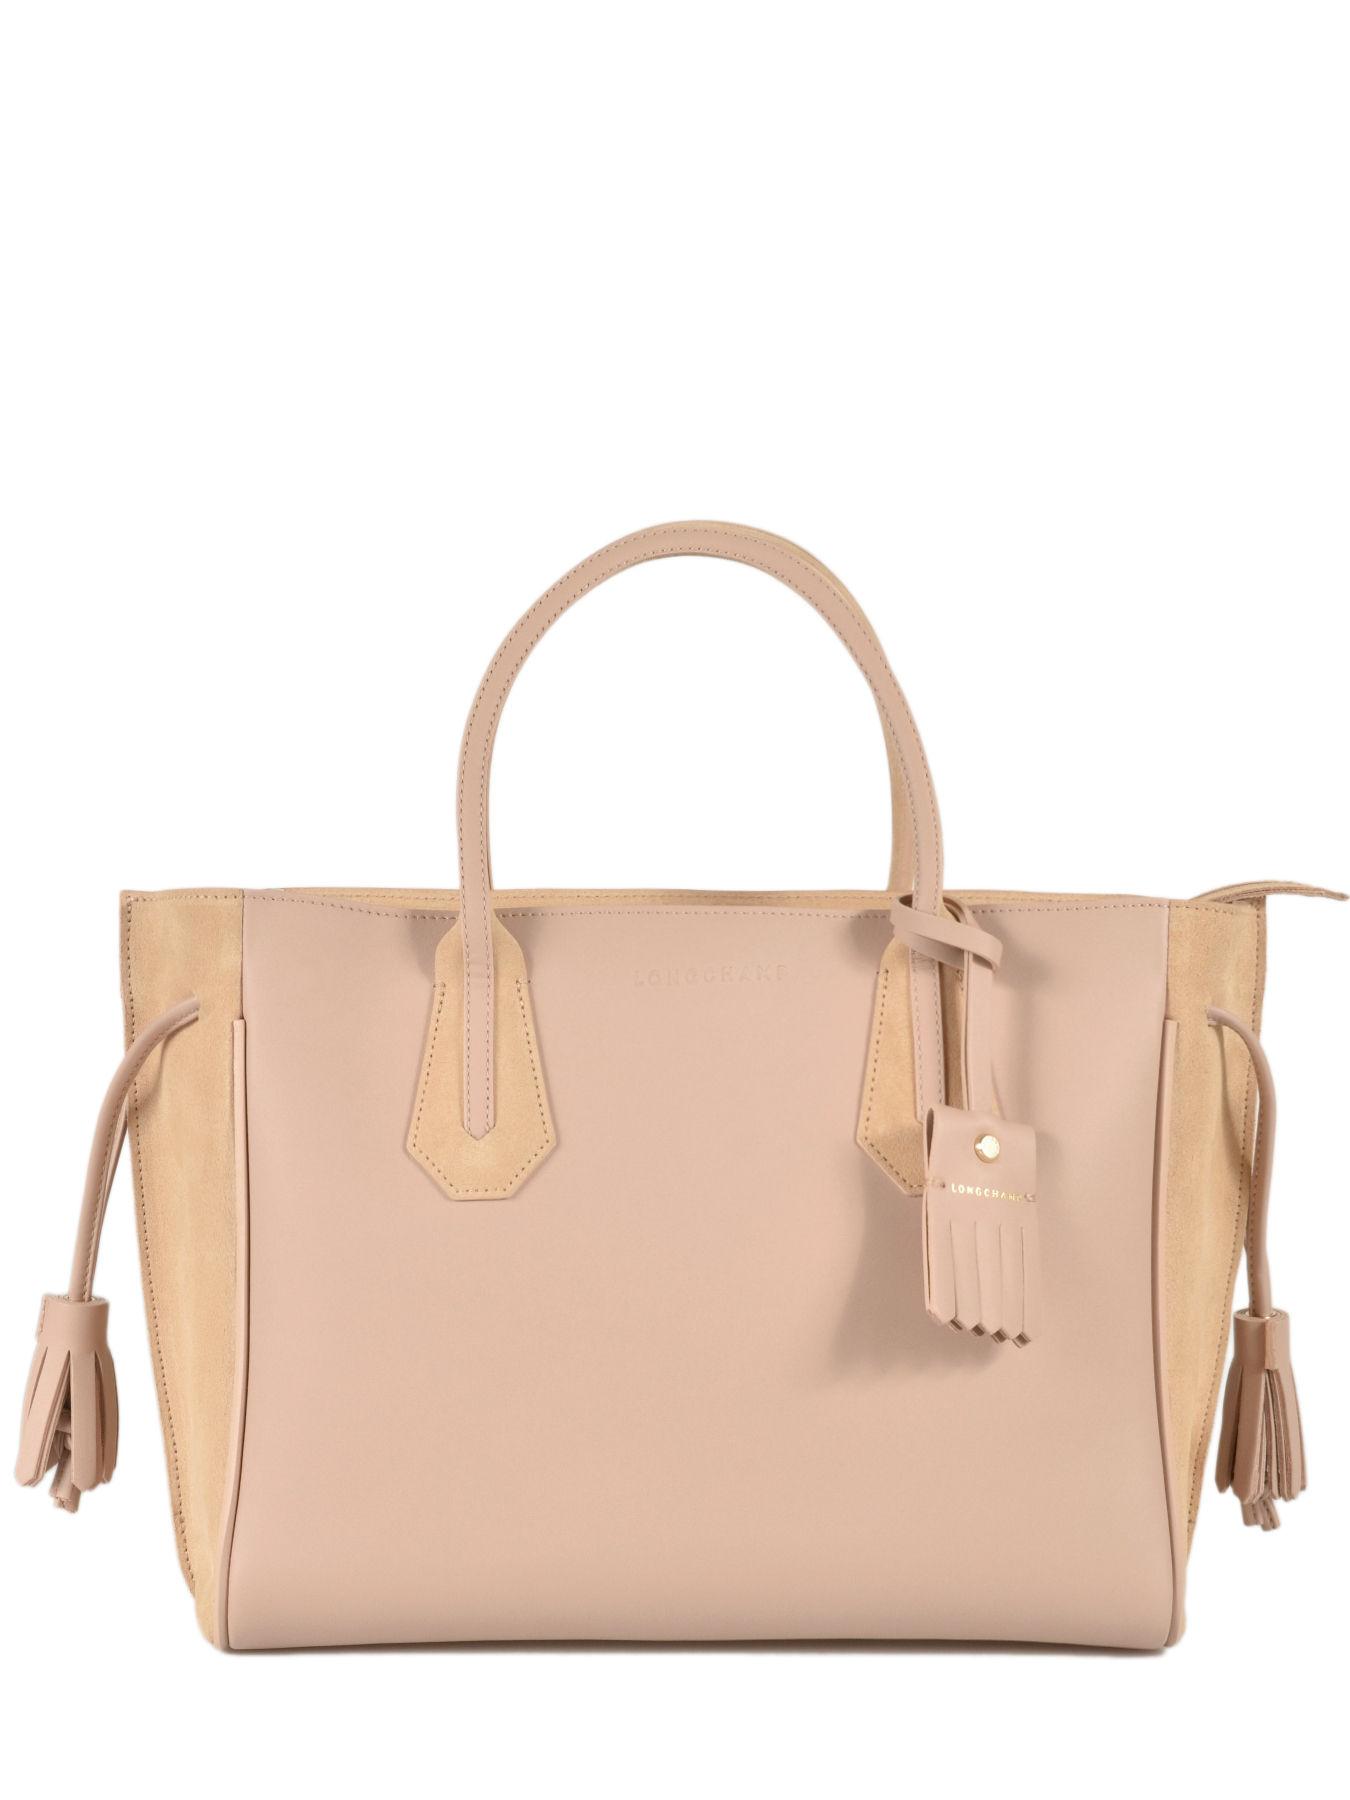 Longchamp discount coupon